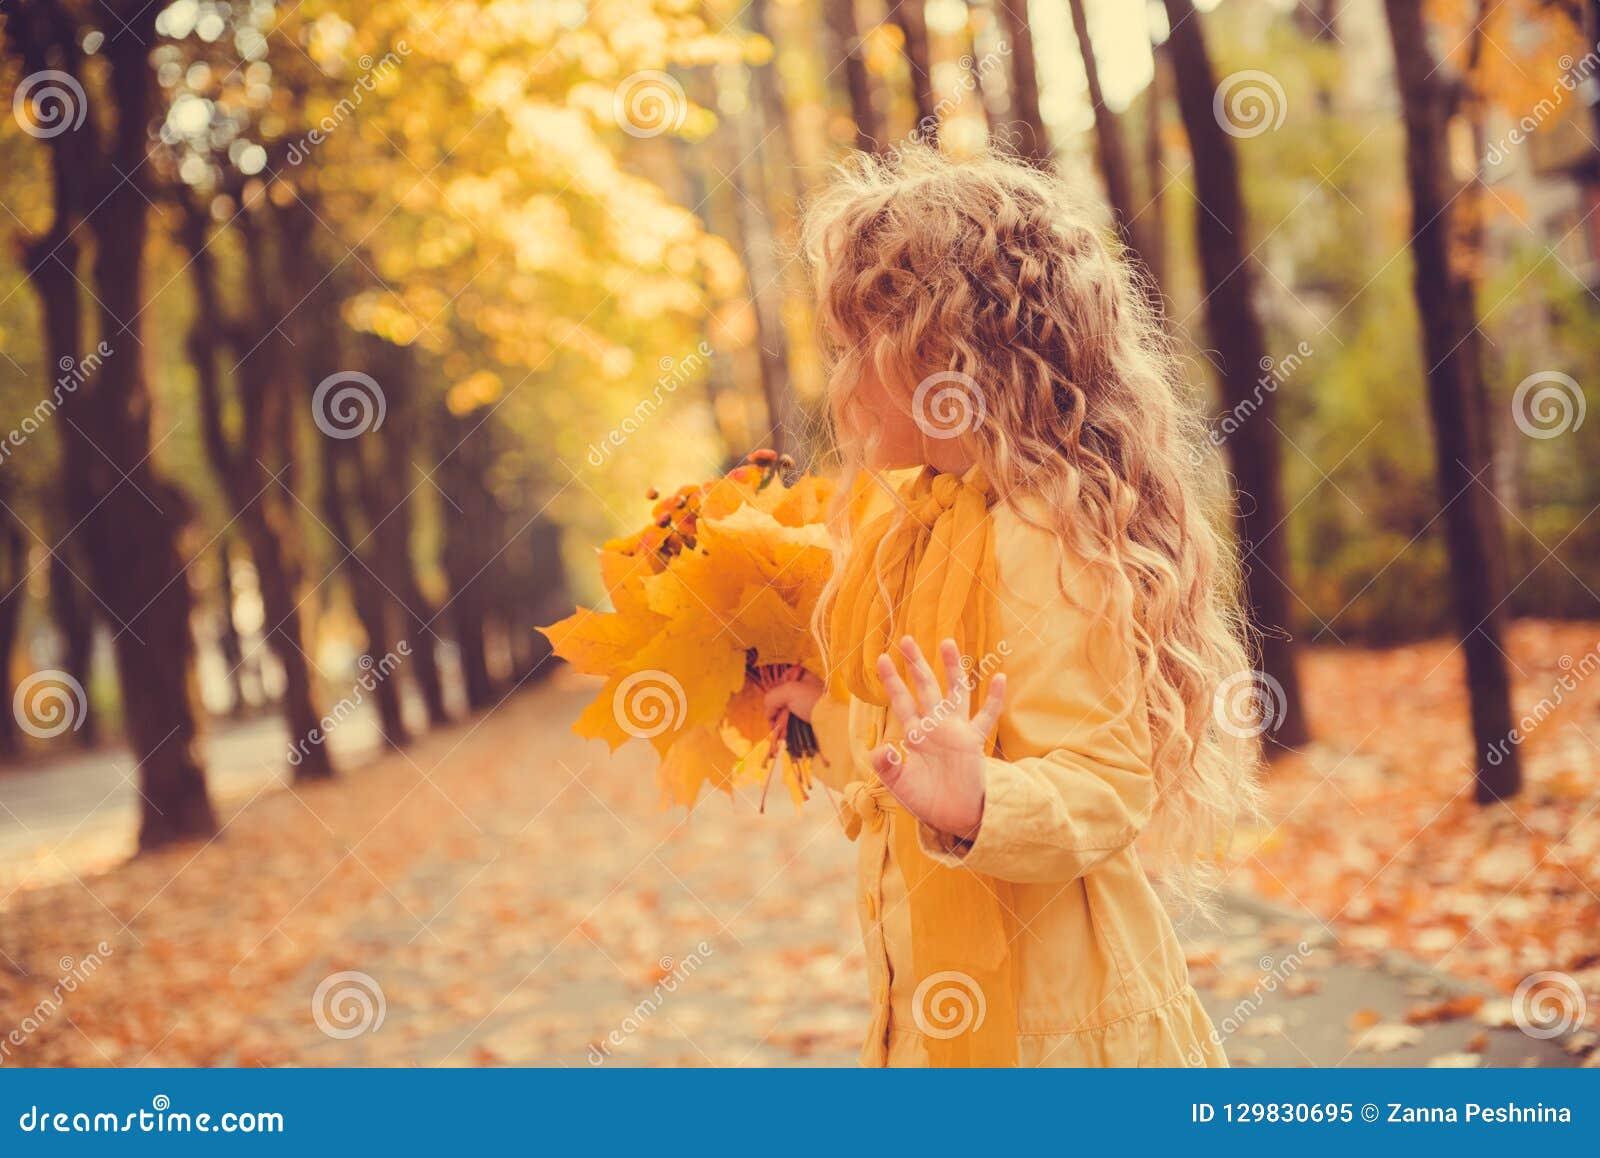 Menina com cabelo louro no fundo do outono